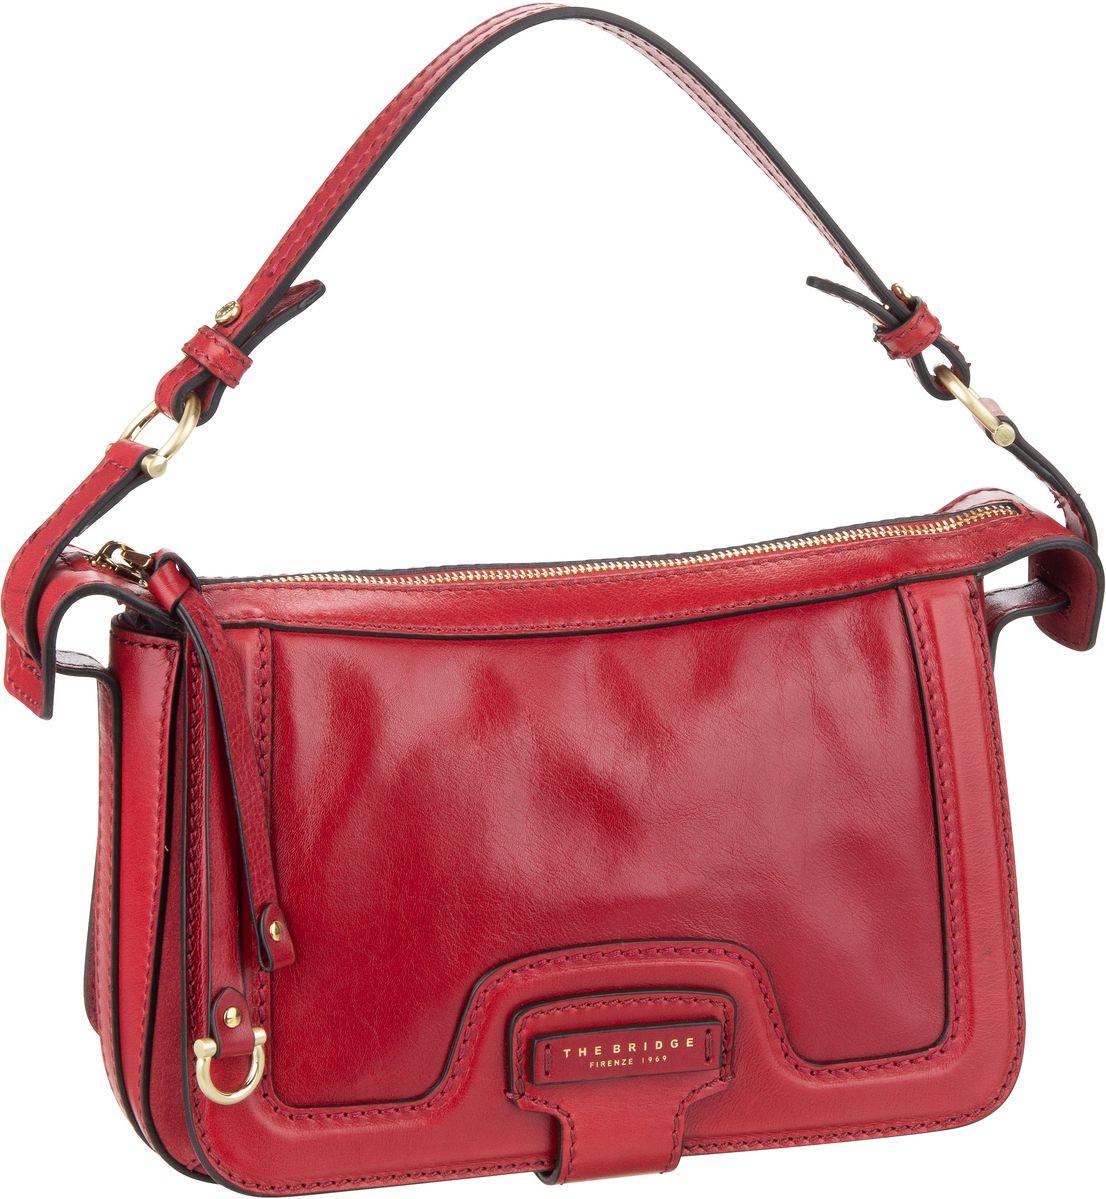 Handtasche Giglio Schultertasche 3049 Rosso Ciliegia/Oro